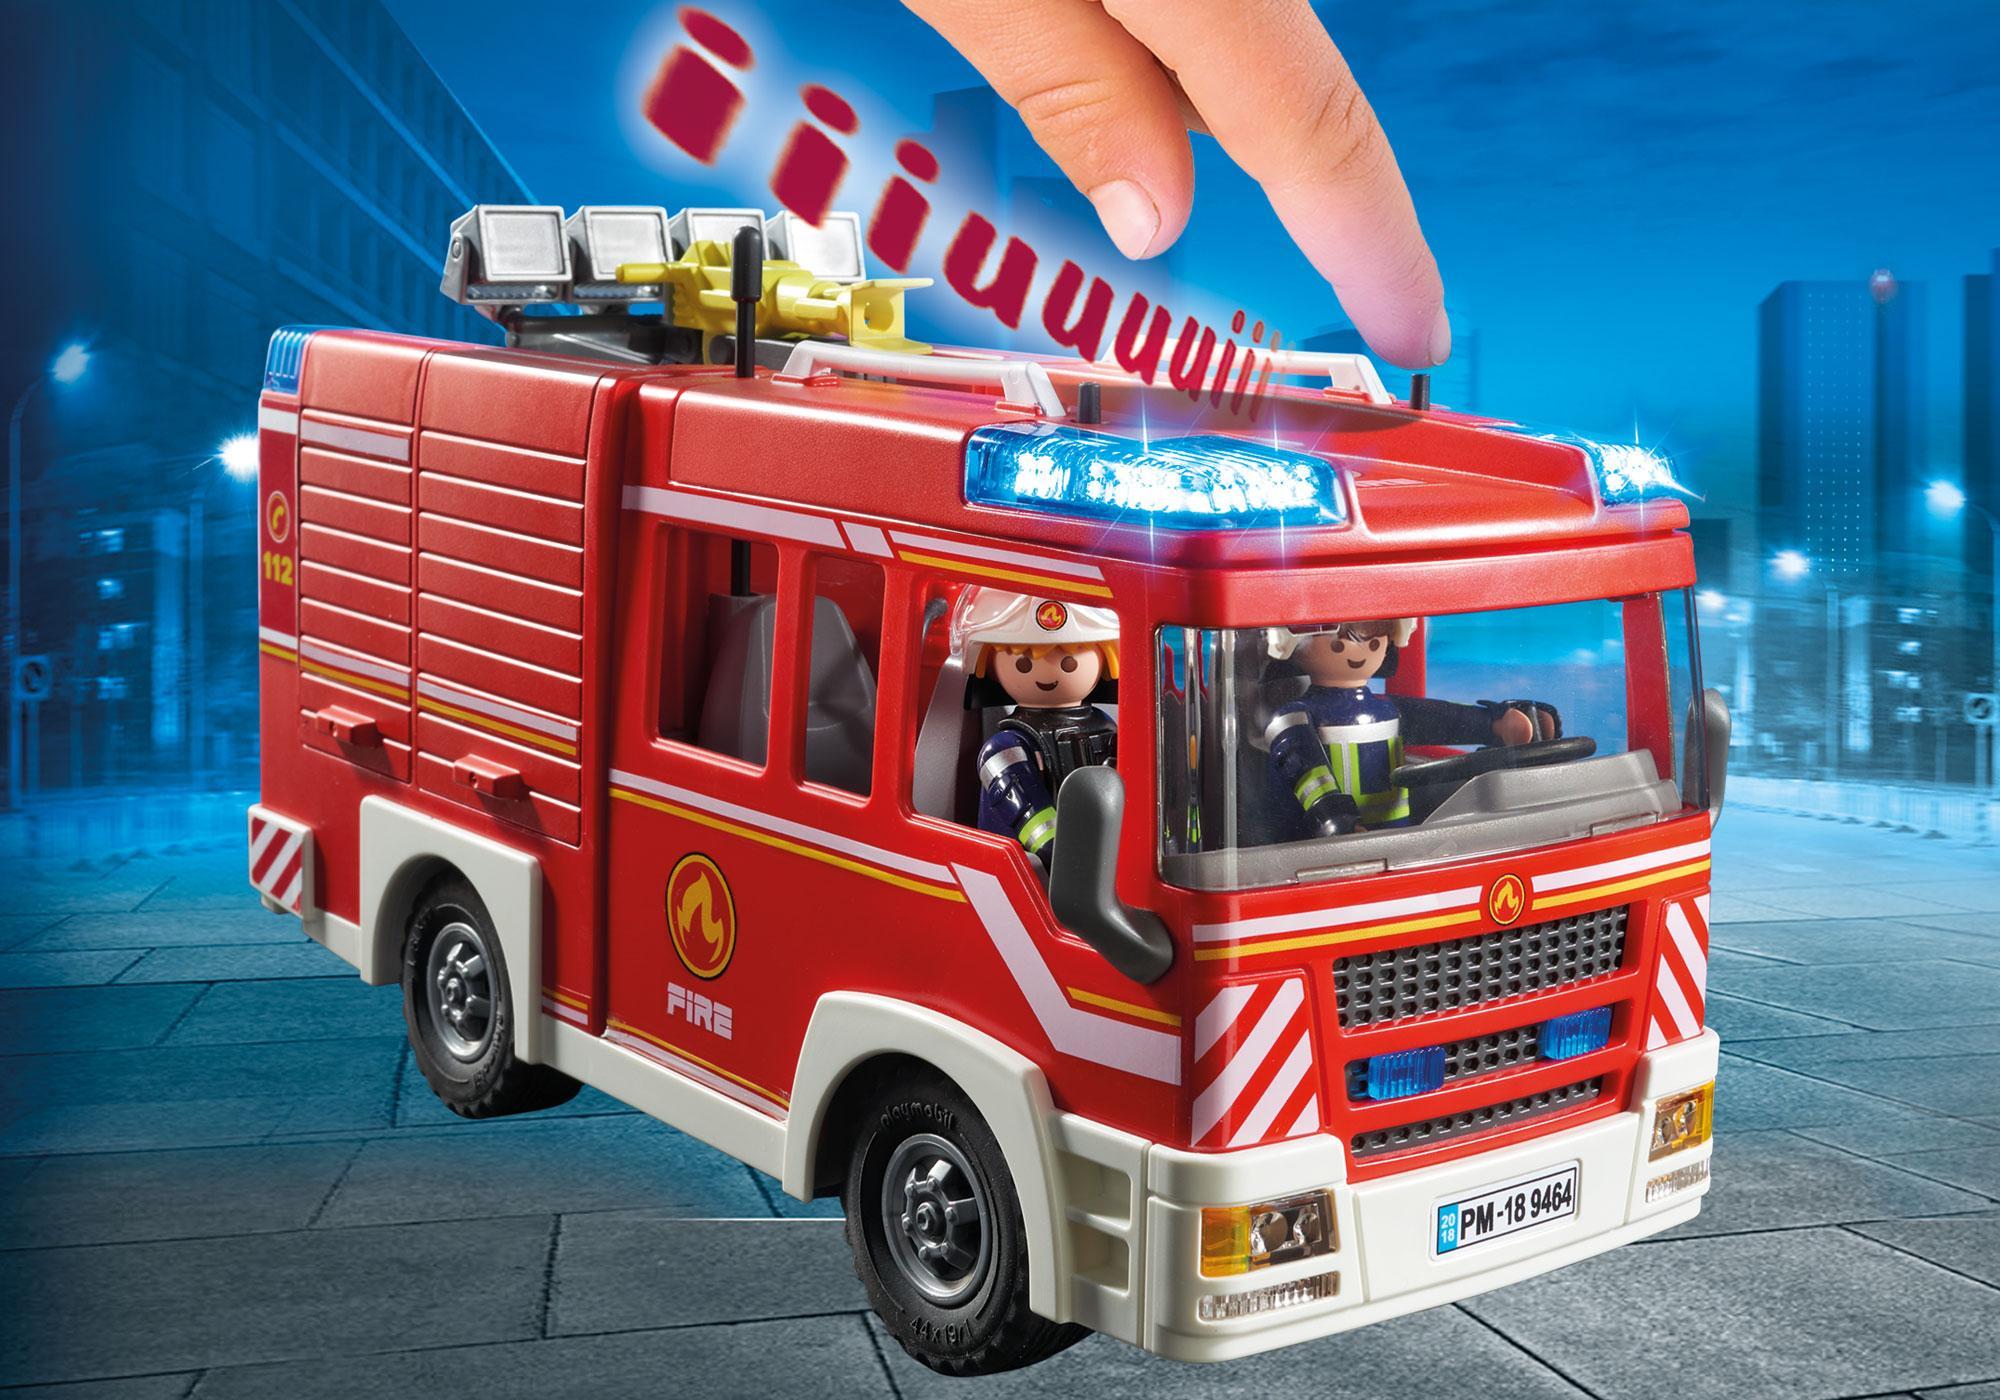 http://media.playmobil.com/i/playmobil/9464_product_extra1/Fire Engine